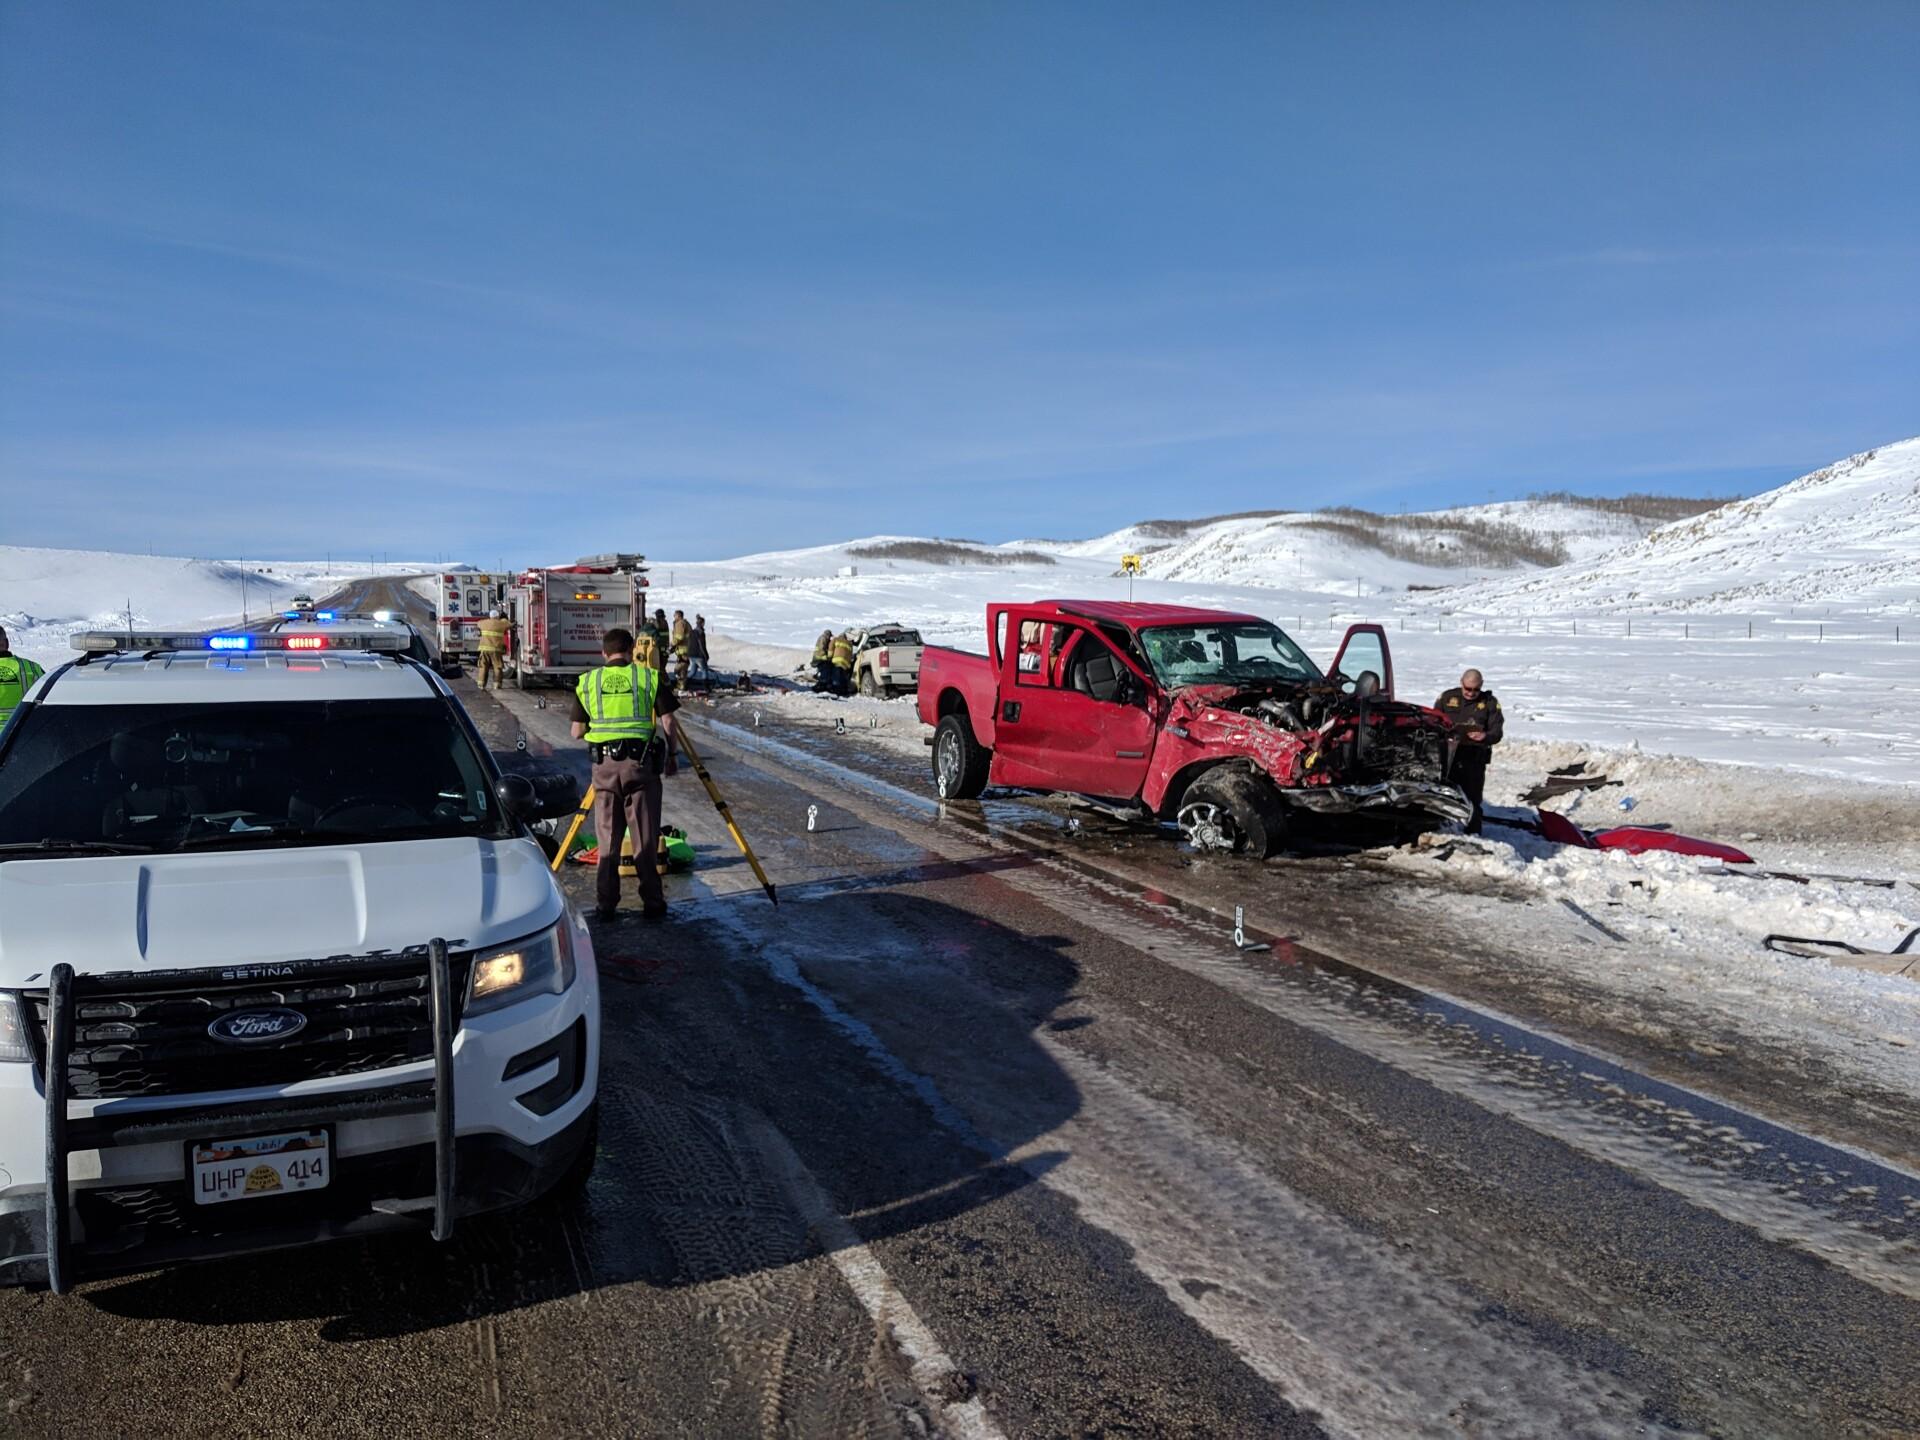 Photos: One dead, three injured in crash near StrawberryReservoir